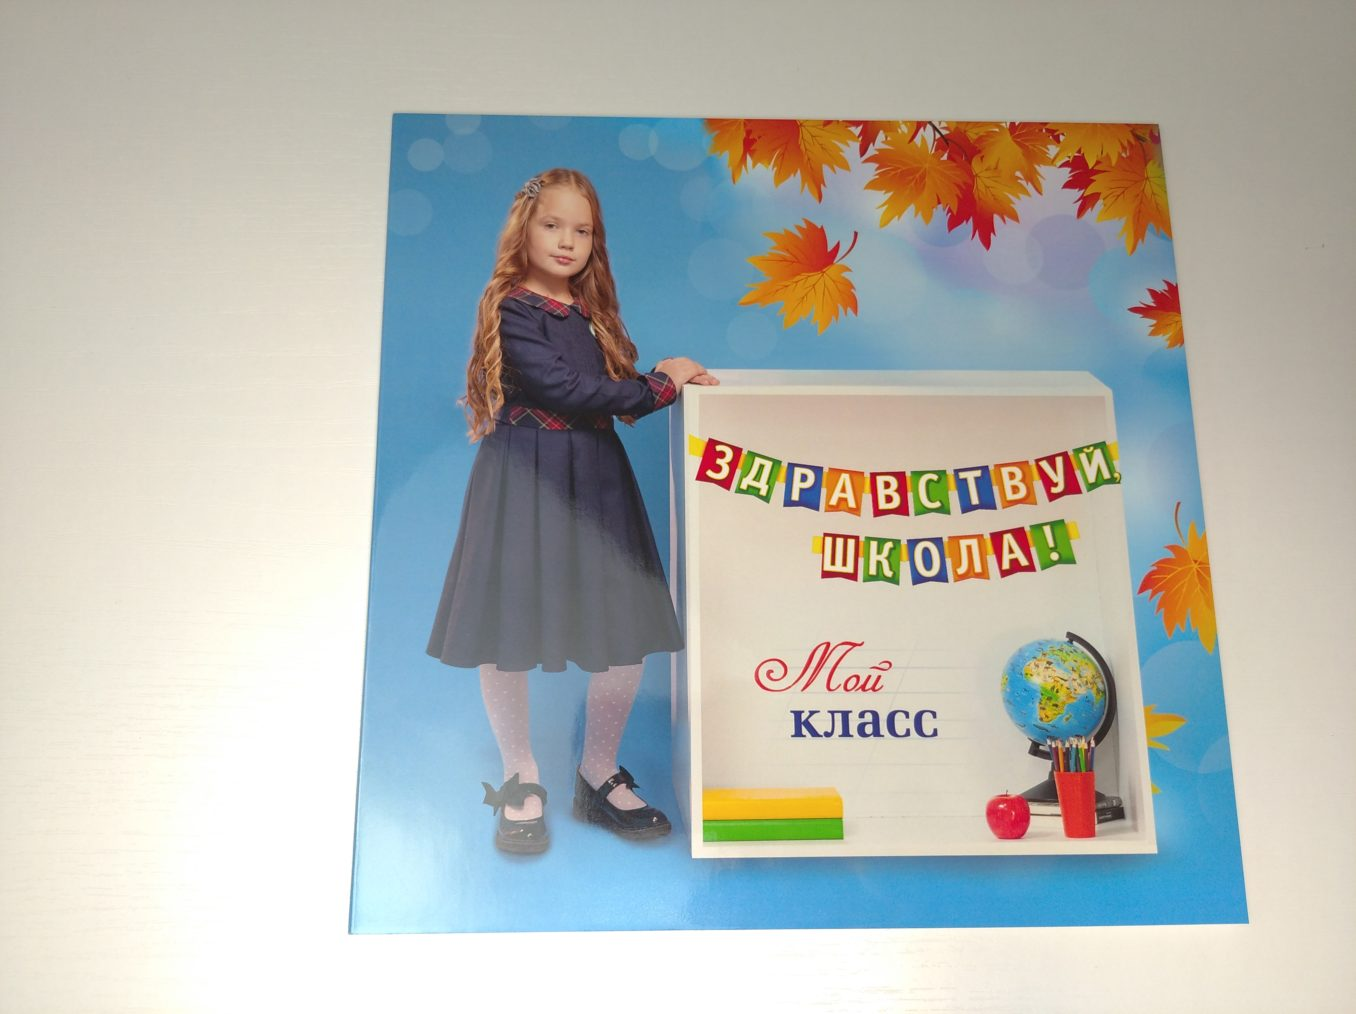 Обложка альбома-папки общего фото в кубах